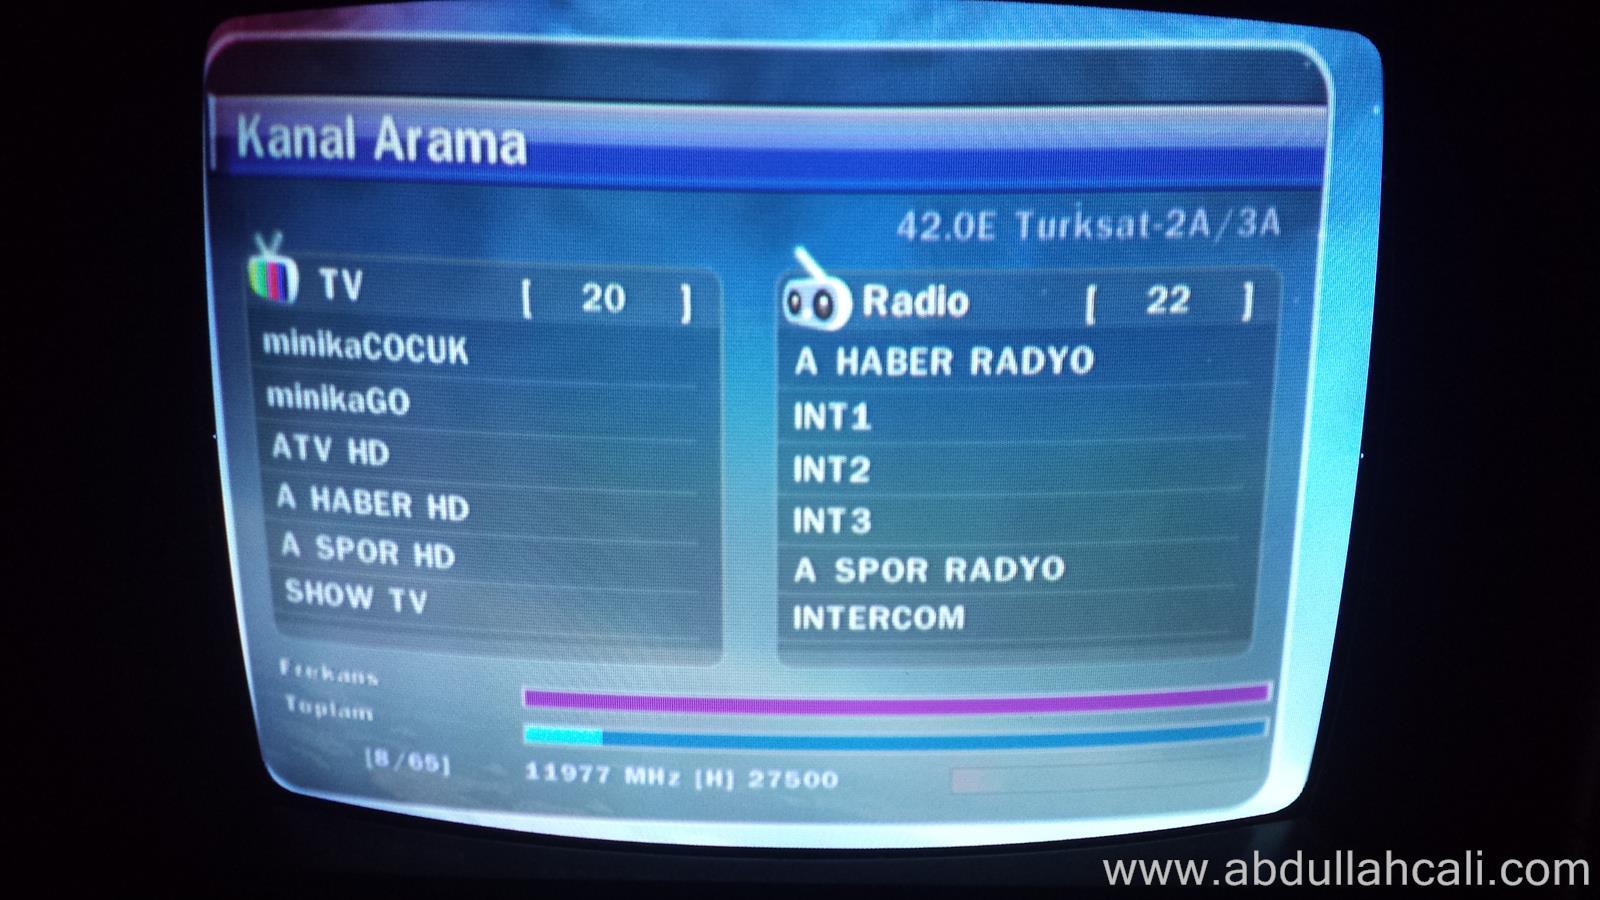 uydu6  Uydu Kanalları Geri Getirme, Uydu Kanalları Düzeltme ve Güncelleme Türksat 4A uydu6